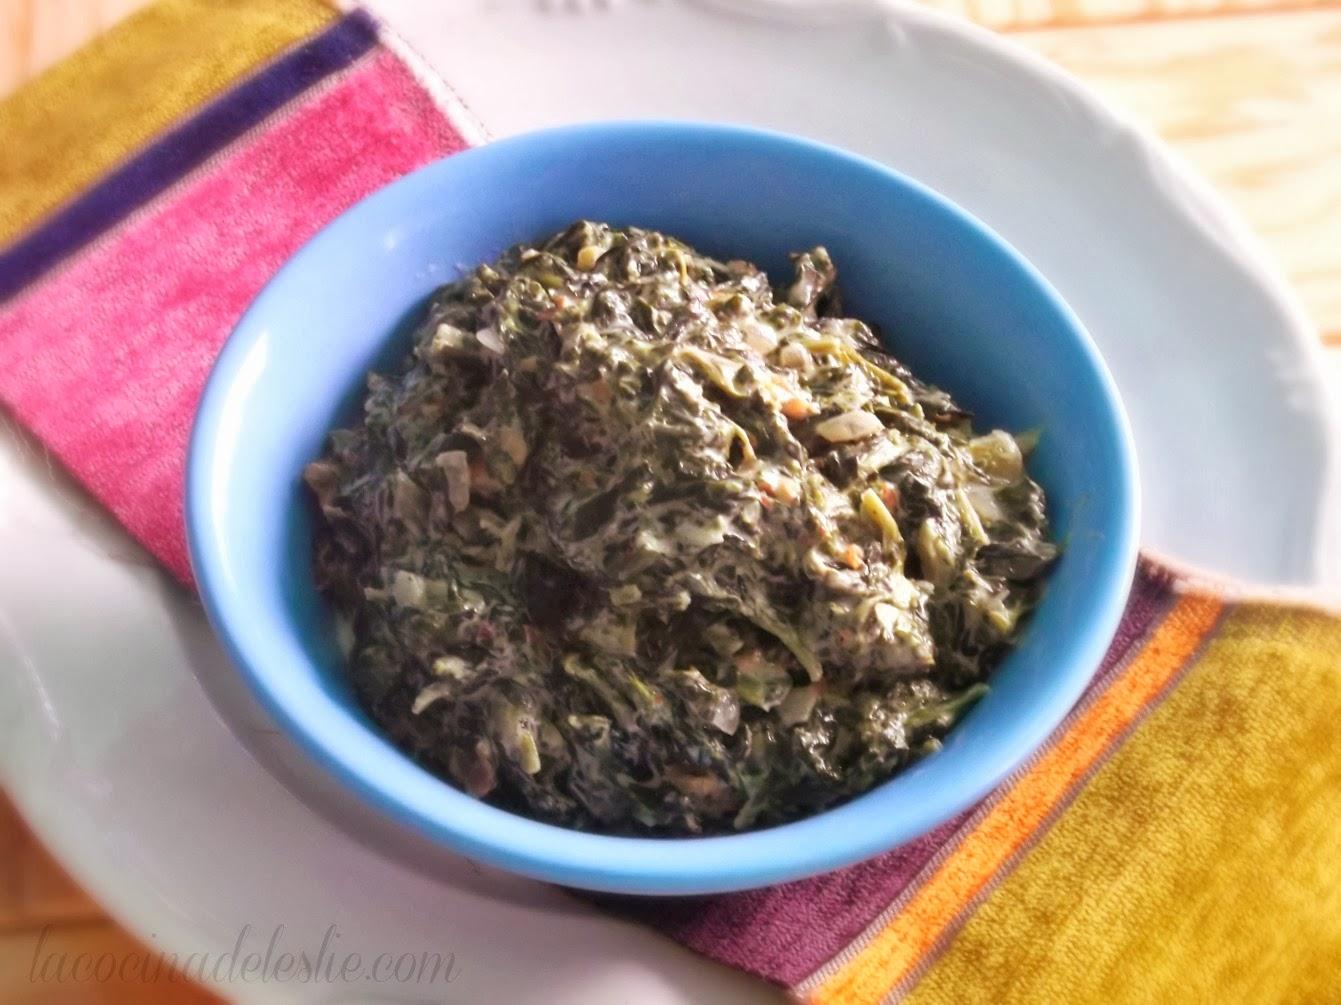 Espinacas con Crema (Creamed Spinach) - lacocinadeleslie.com